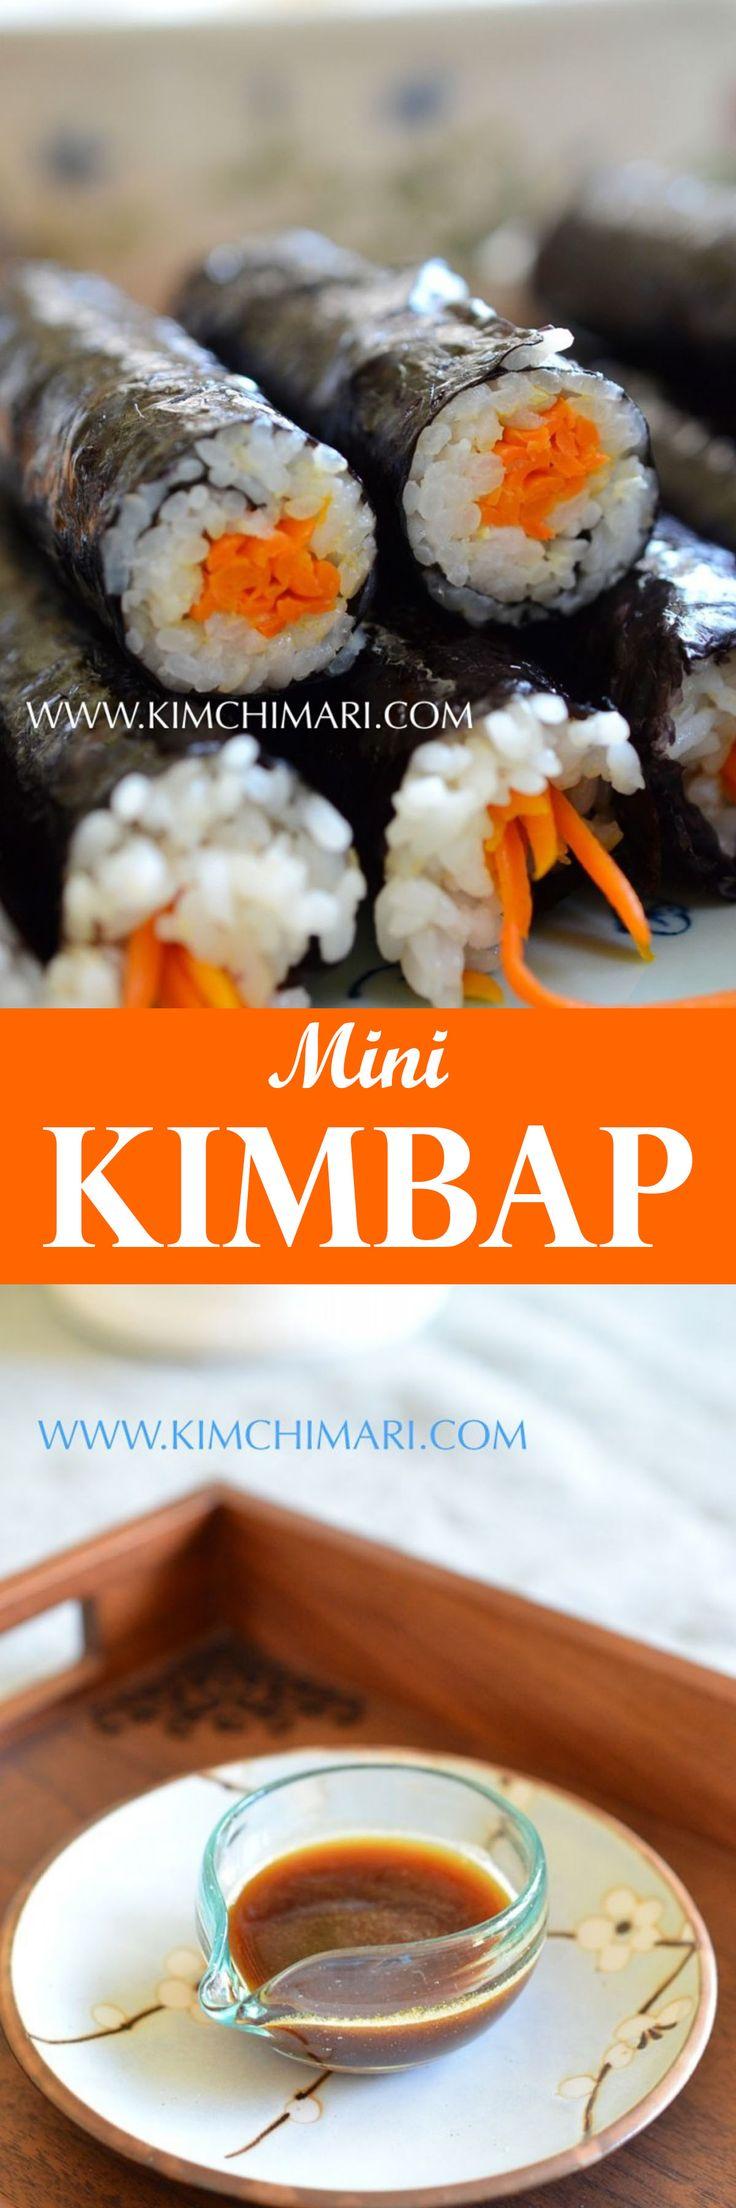 Mini Kimbap with magic sauce ( mayak soy sauce).  You cannot stop eating once you start!  | Kimchimari.com